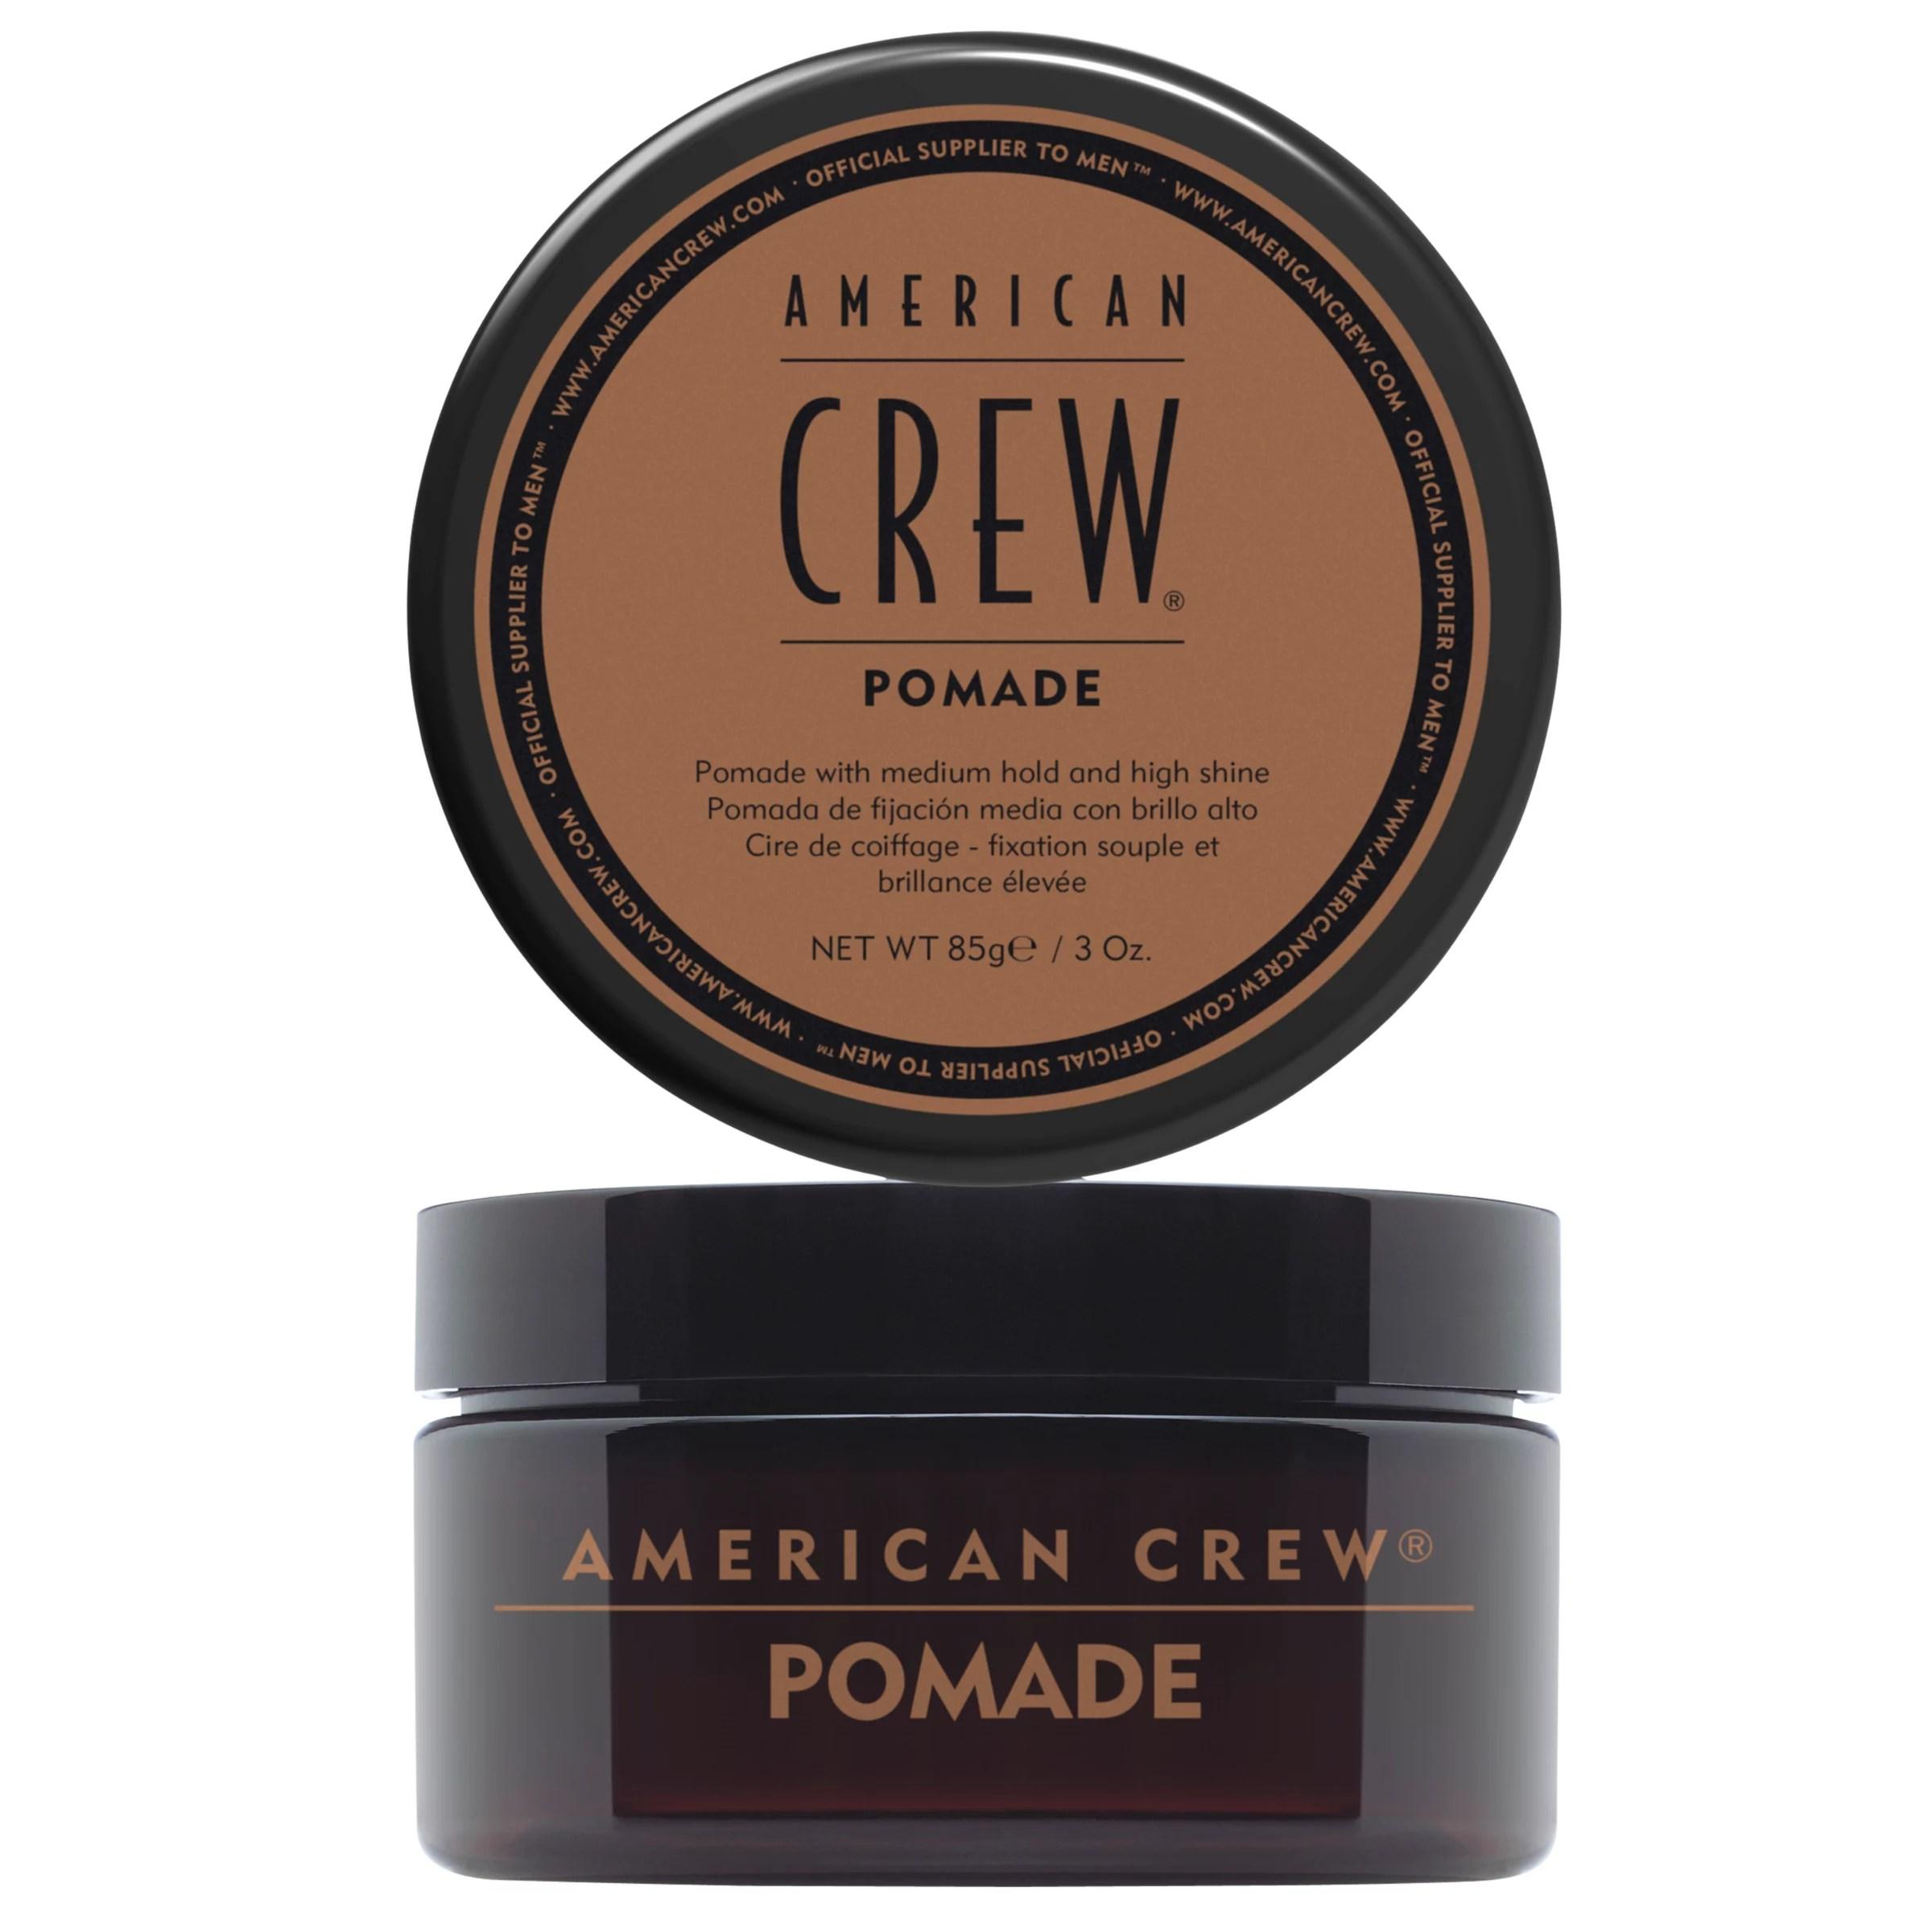 American Crew Pomade 85g John Lewis